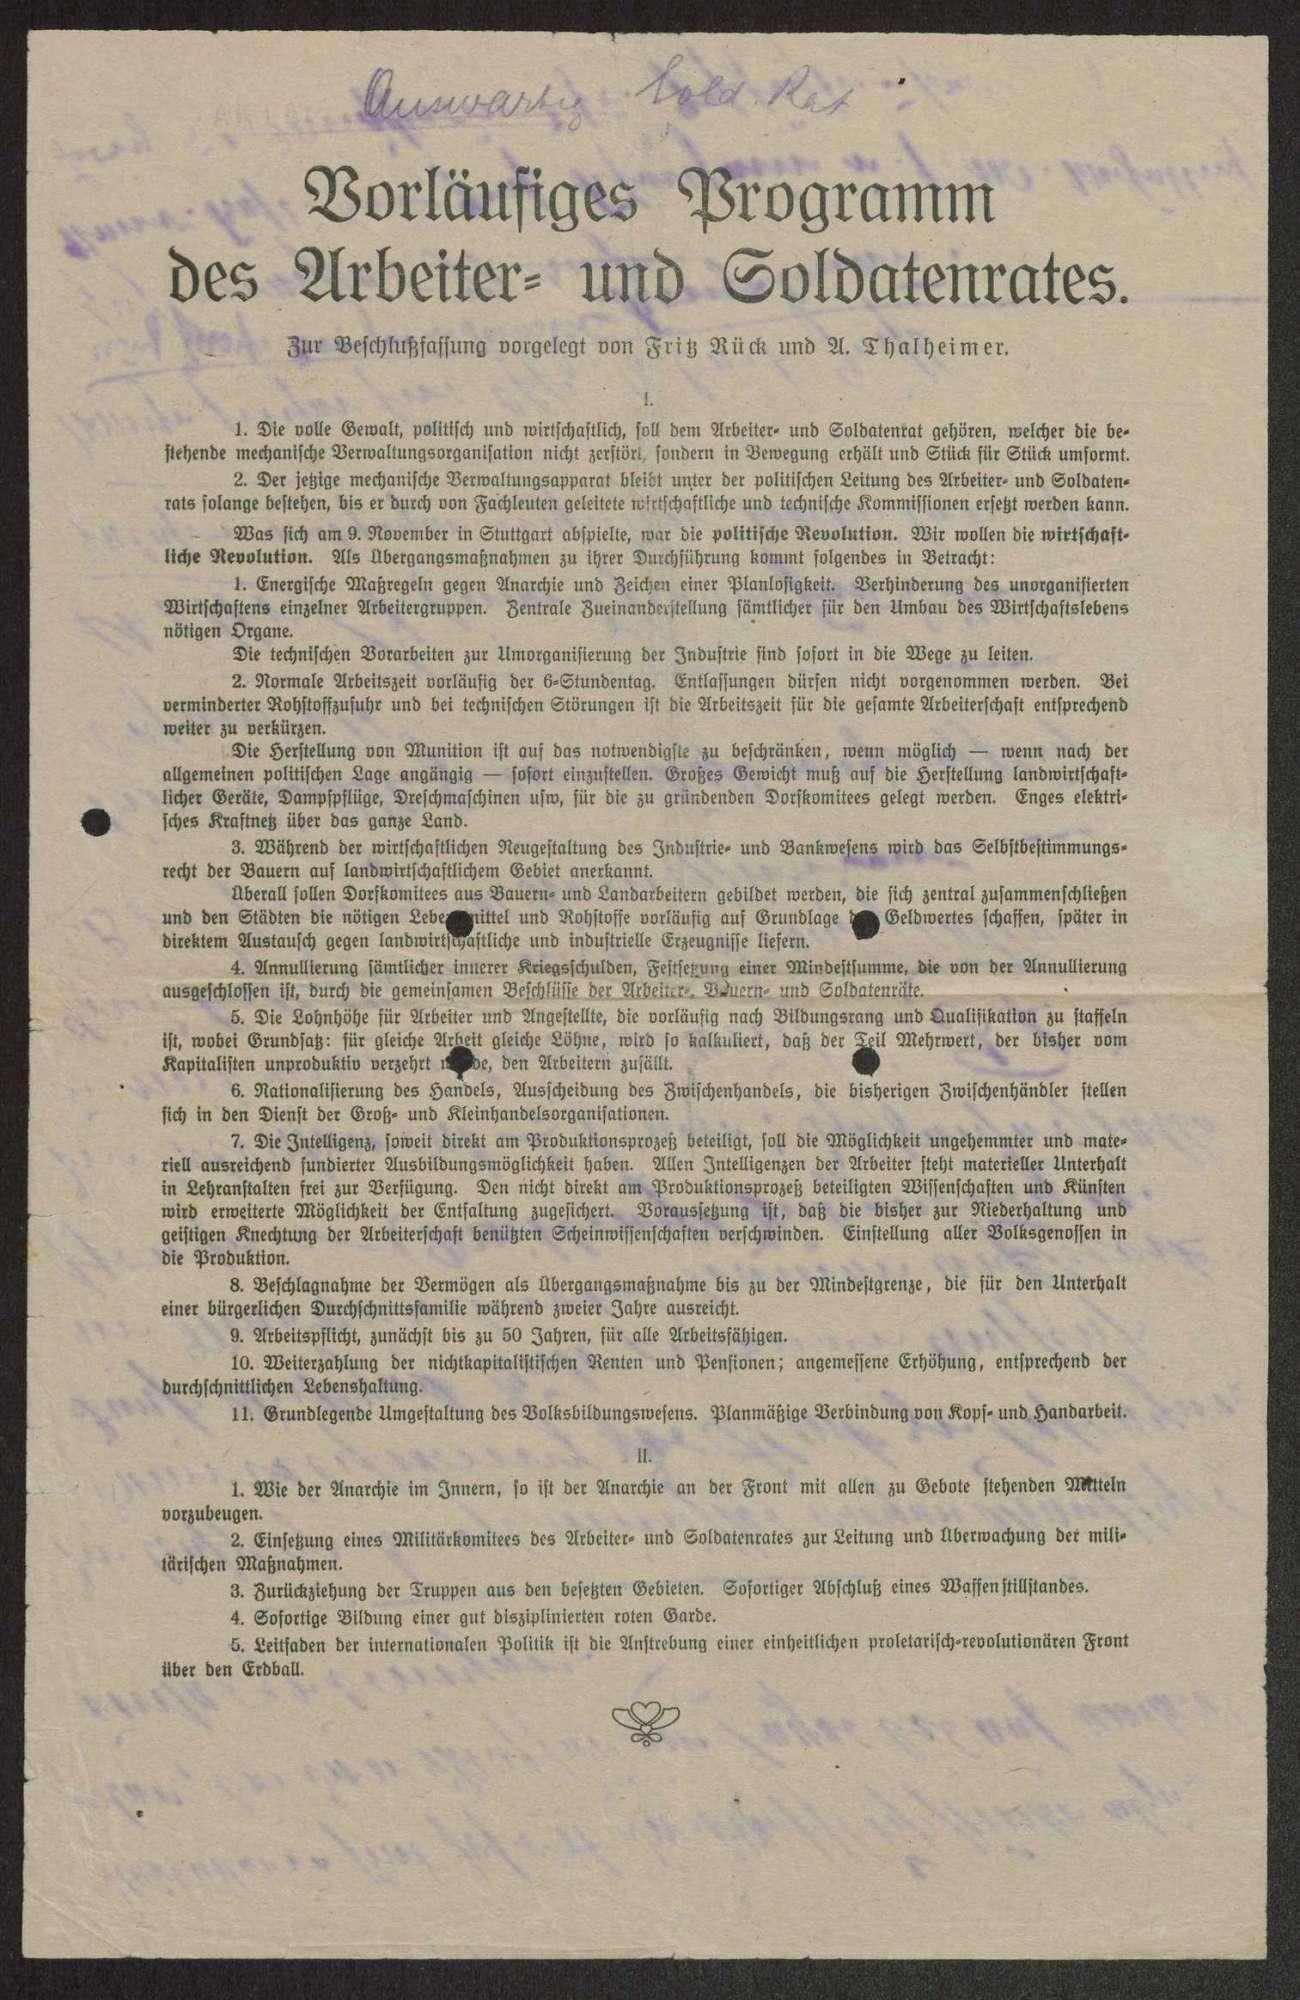 Vorläufiges Programm der Arbeiter- und Soldatenräte von Fritz Rück und A. Thalheimer, Bild 1